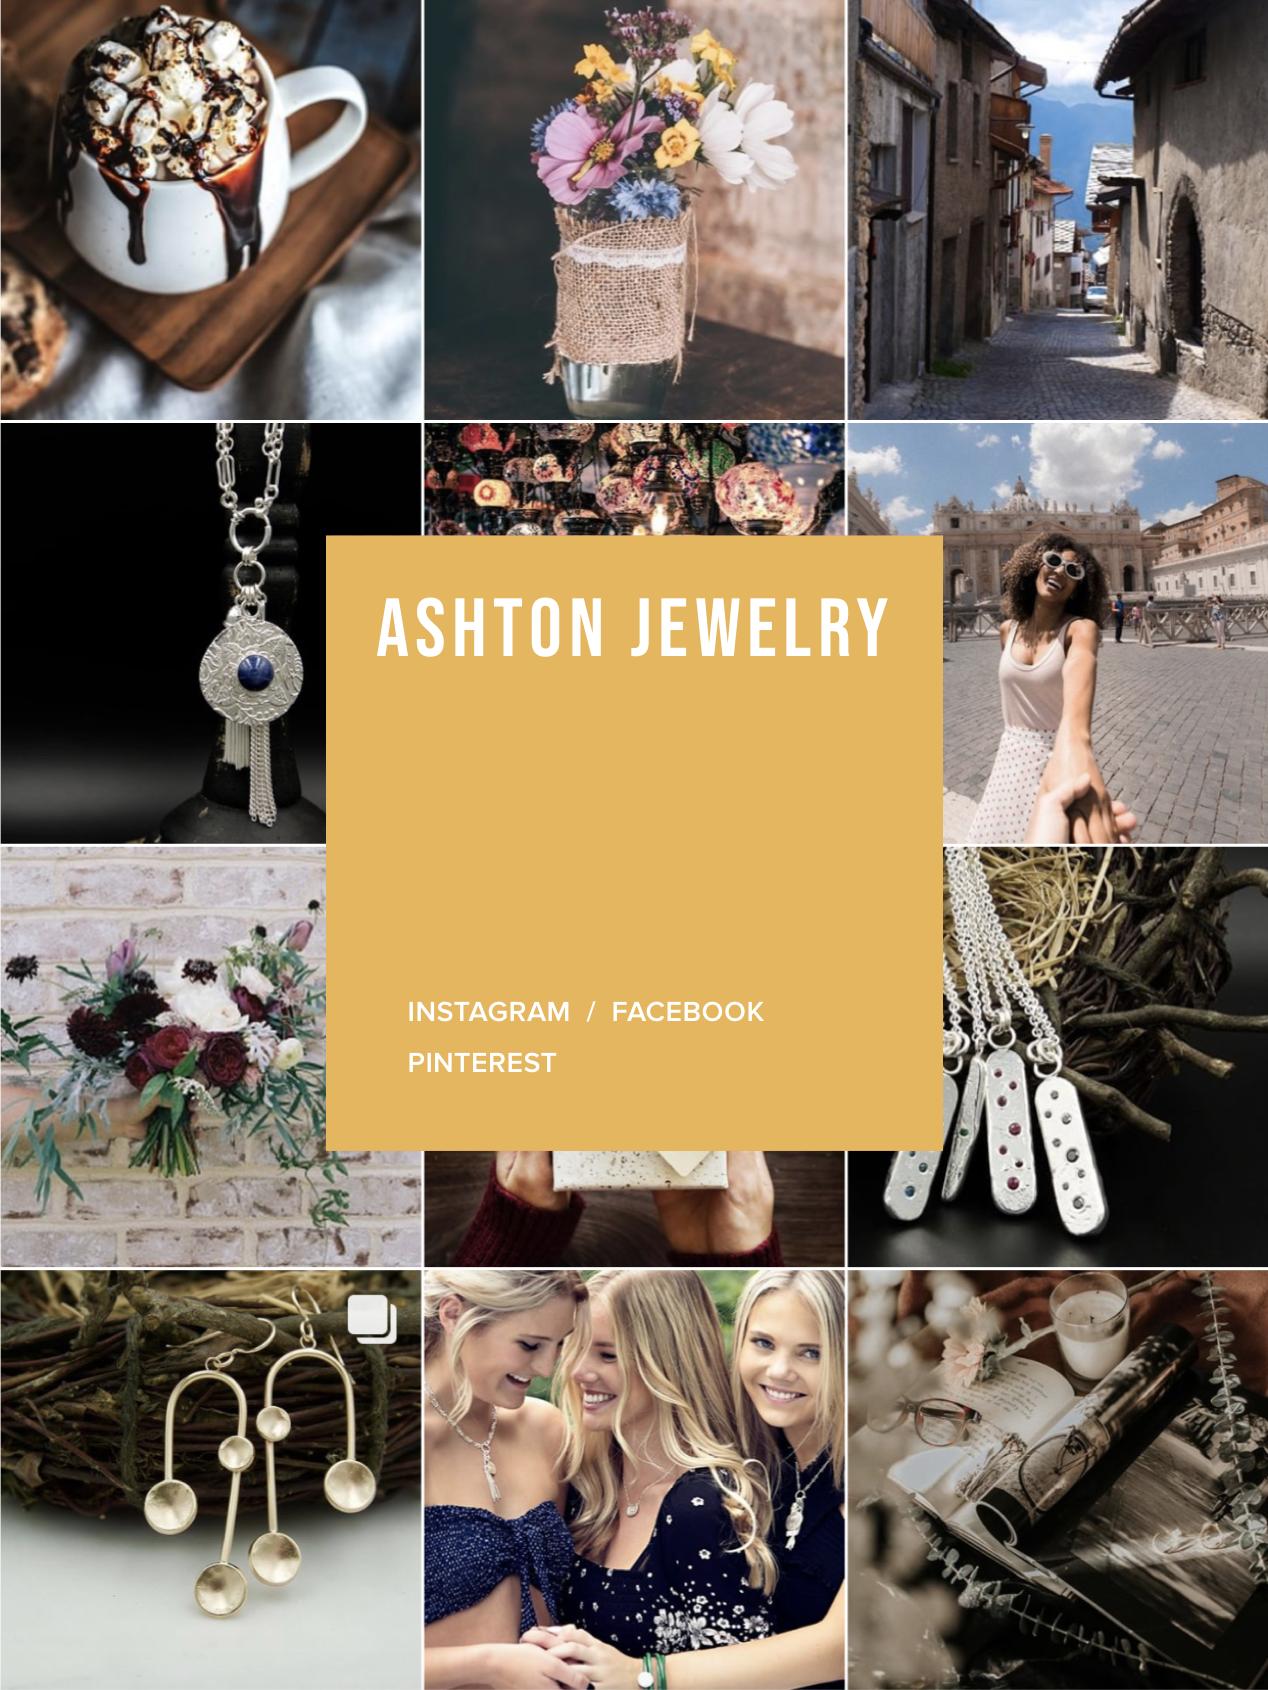 Ashton Jewelry